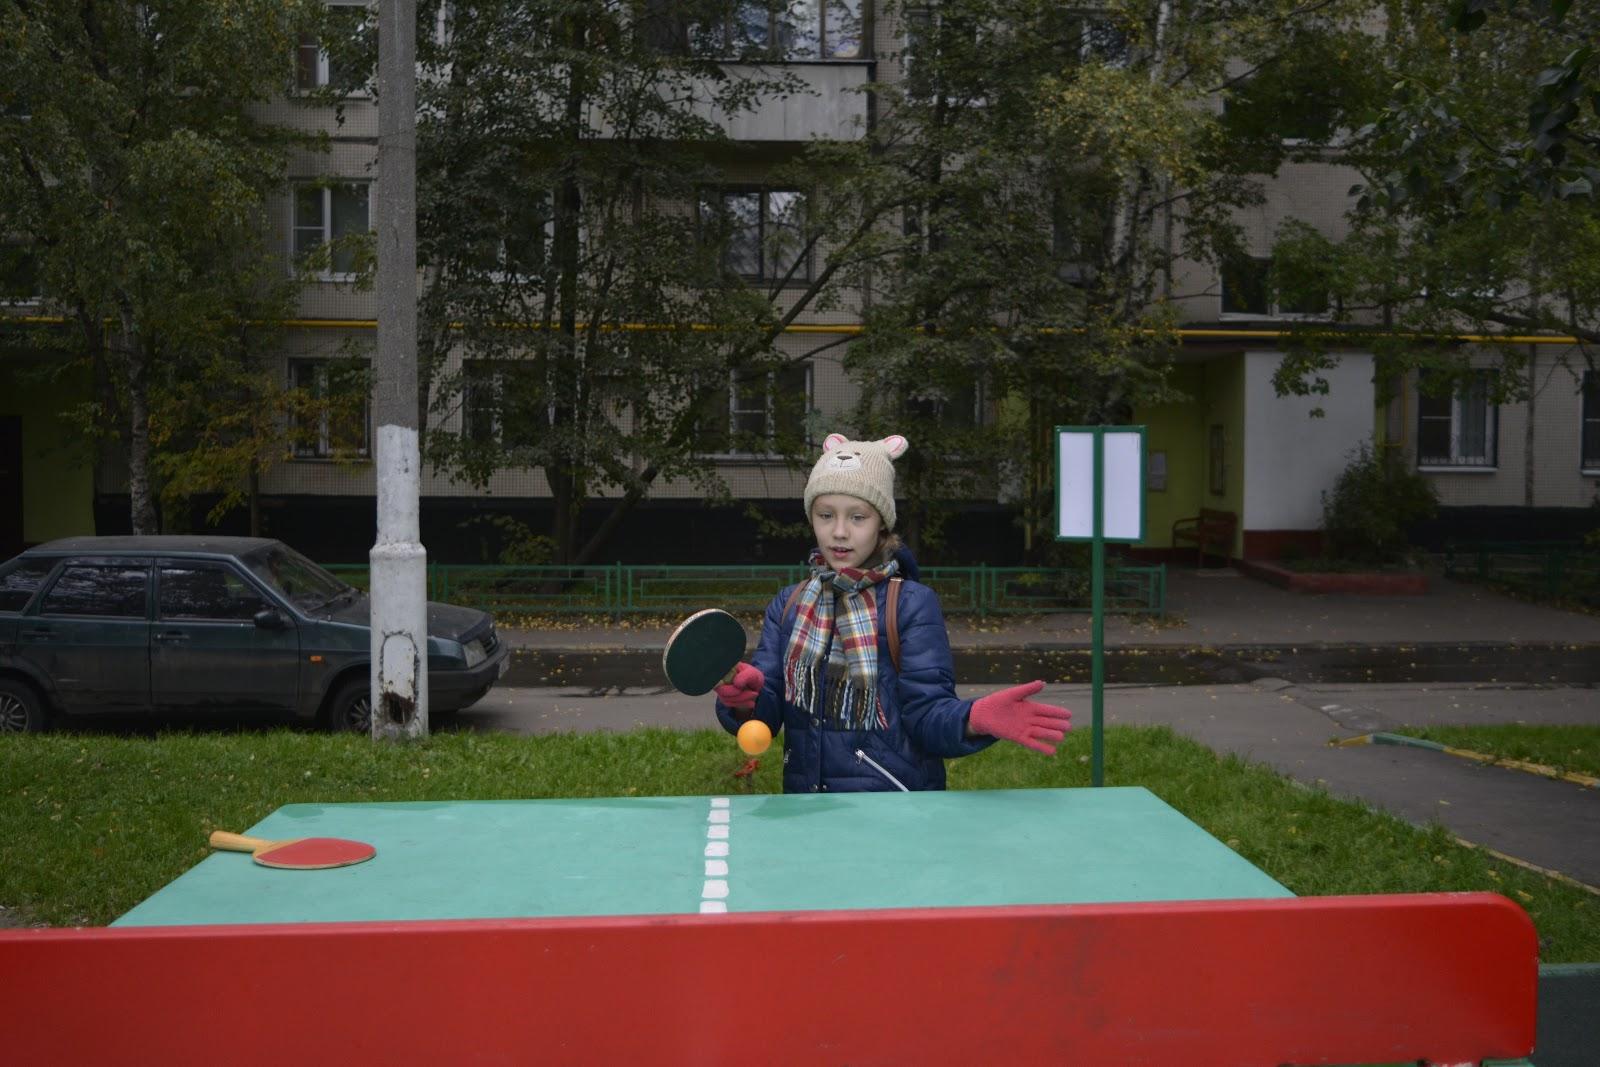 пинг-понг в районе Ивановское